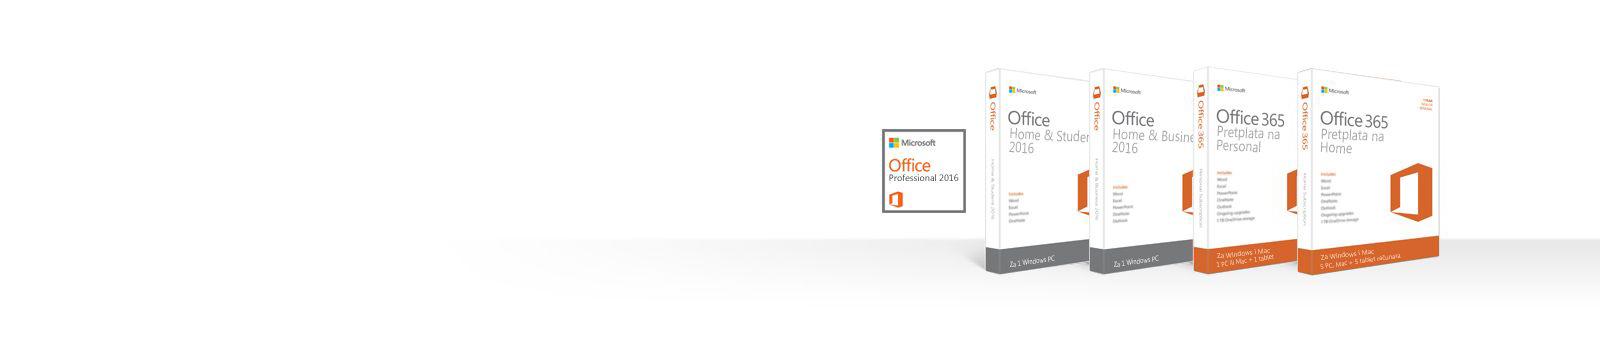 Upravljanje, preuzimanje ili pravljenje rezervne kopije Office proizvoda ili njihovo vraćanje u prethodno stanje